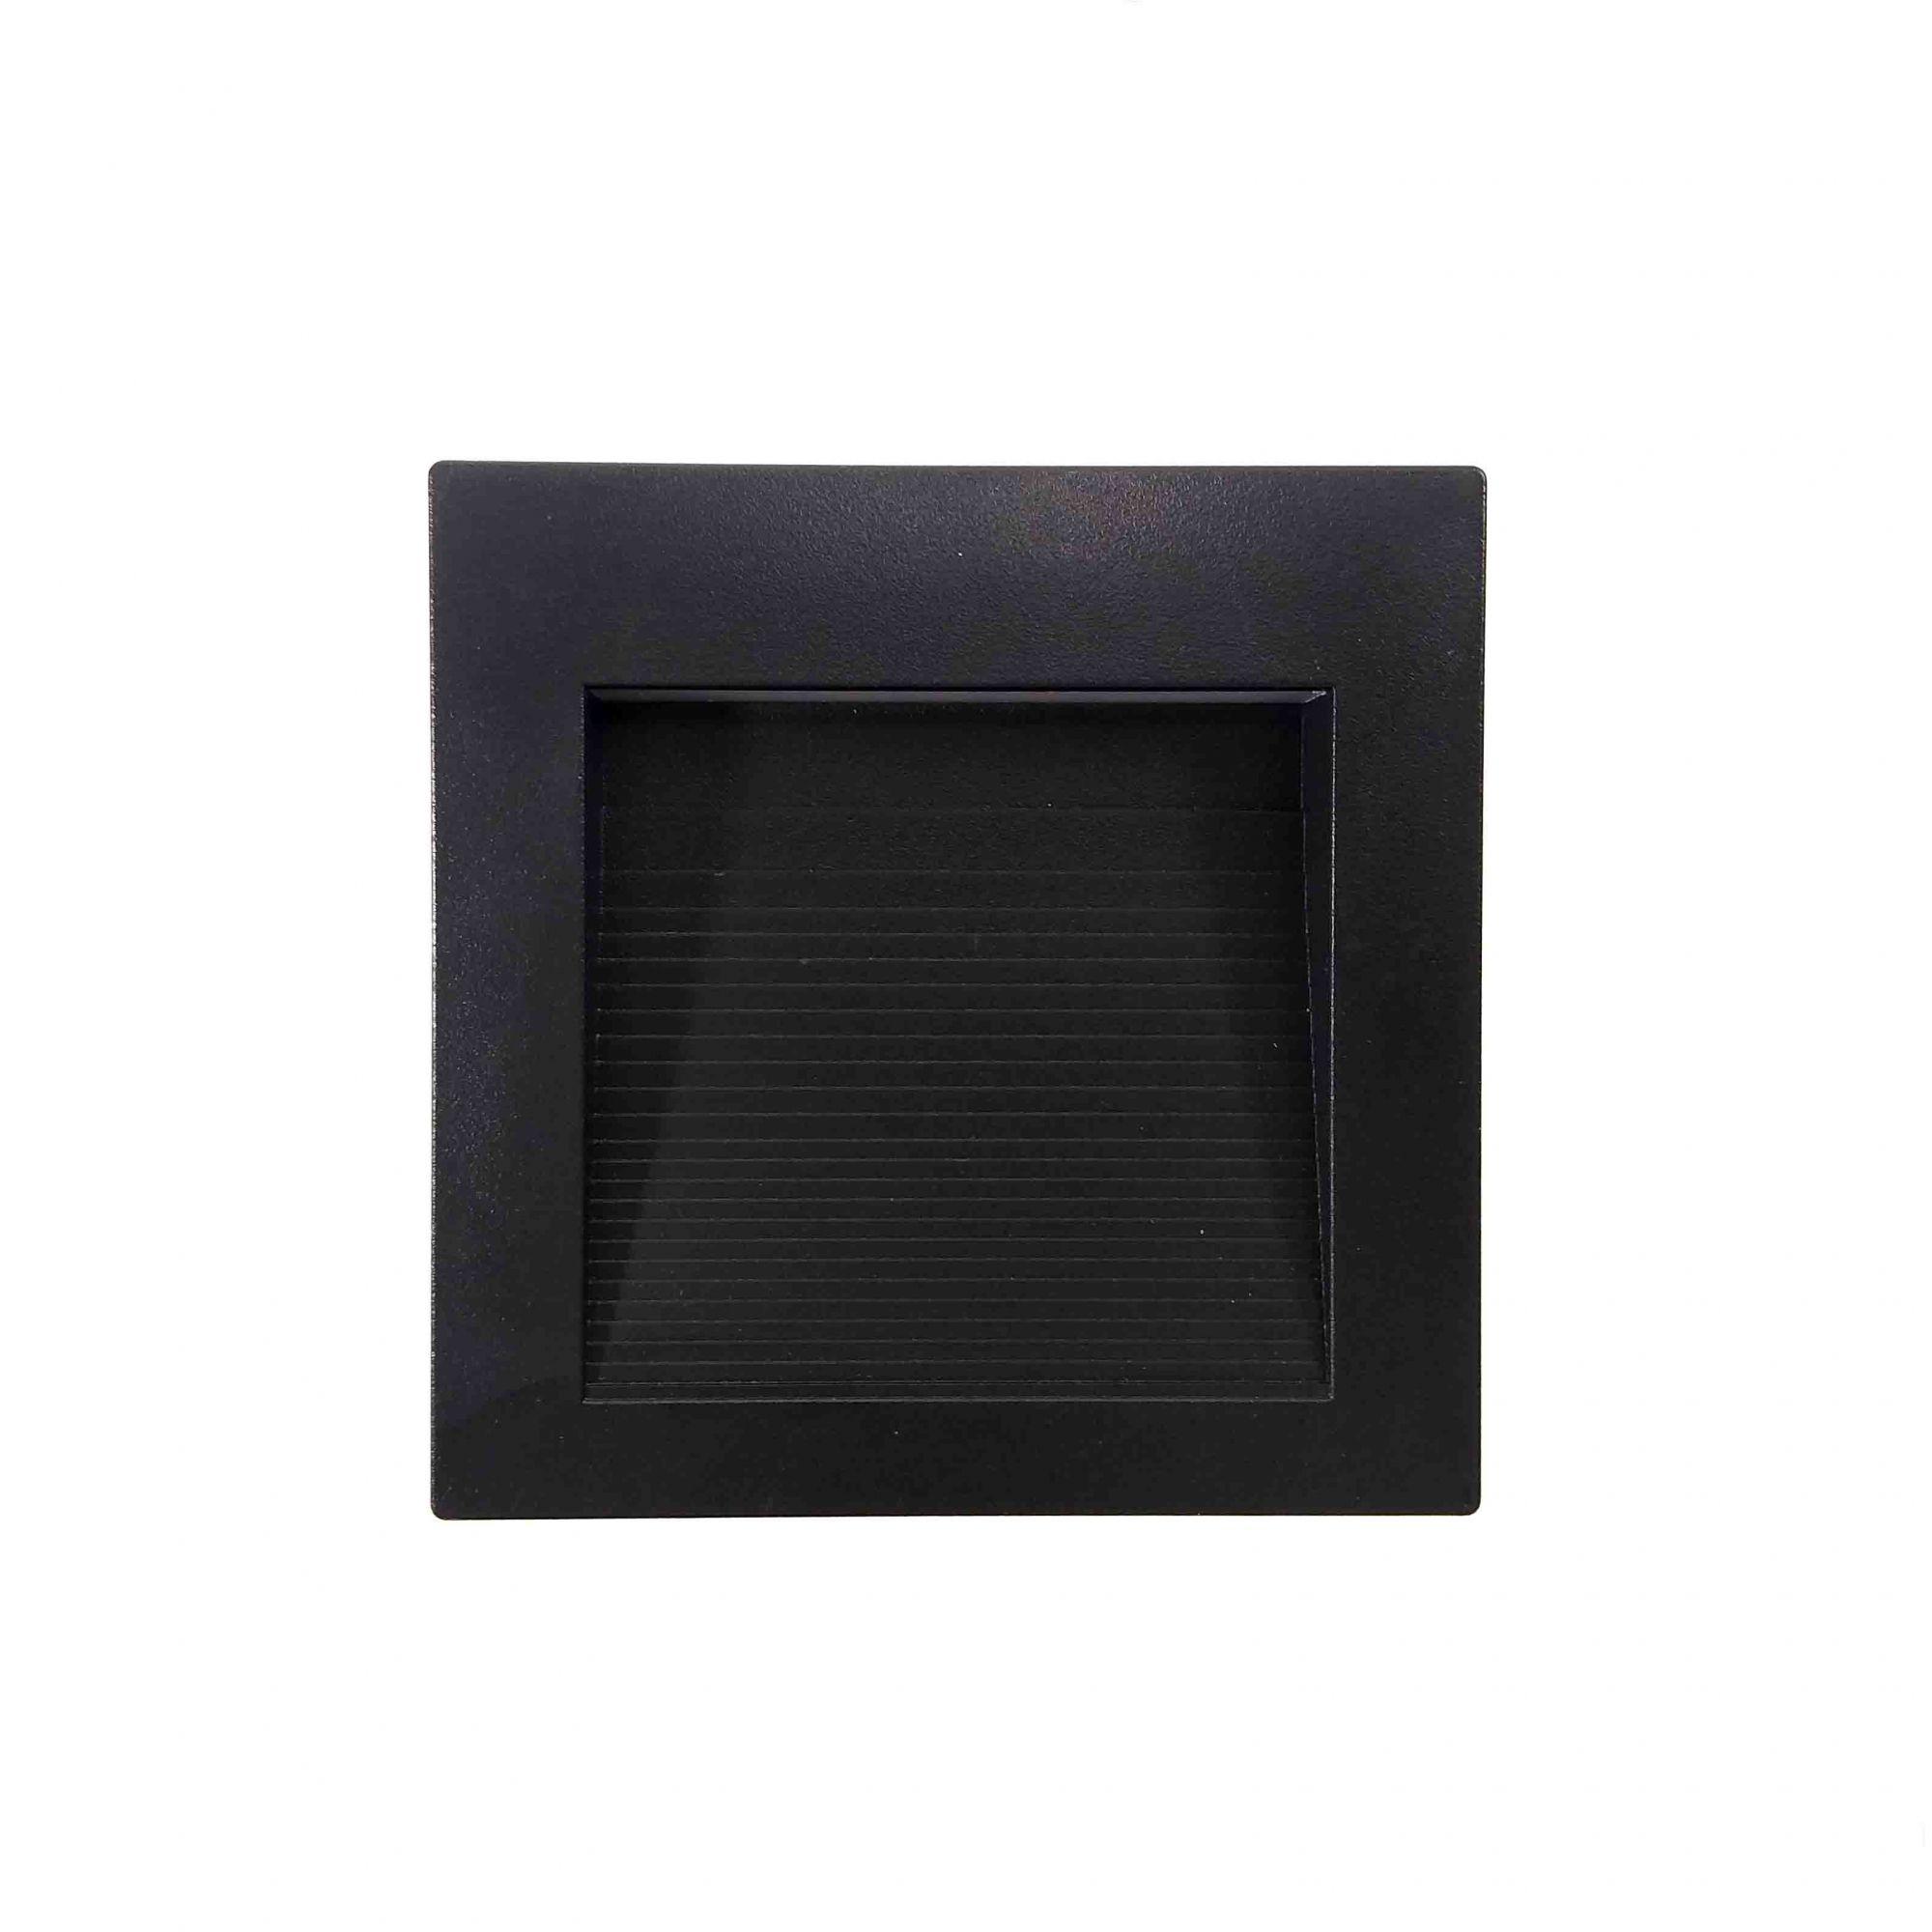 Balizador Sobrepor Preto LED Quadrado 7,5CM 1,5W 3000K Externo/Escada Save Energy